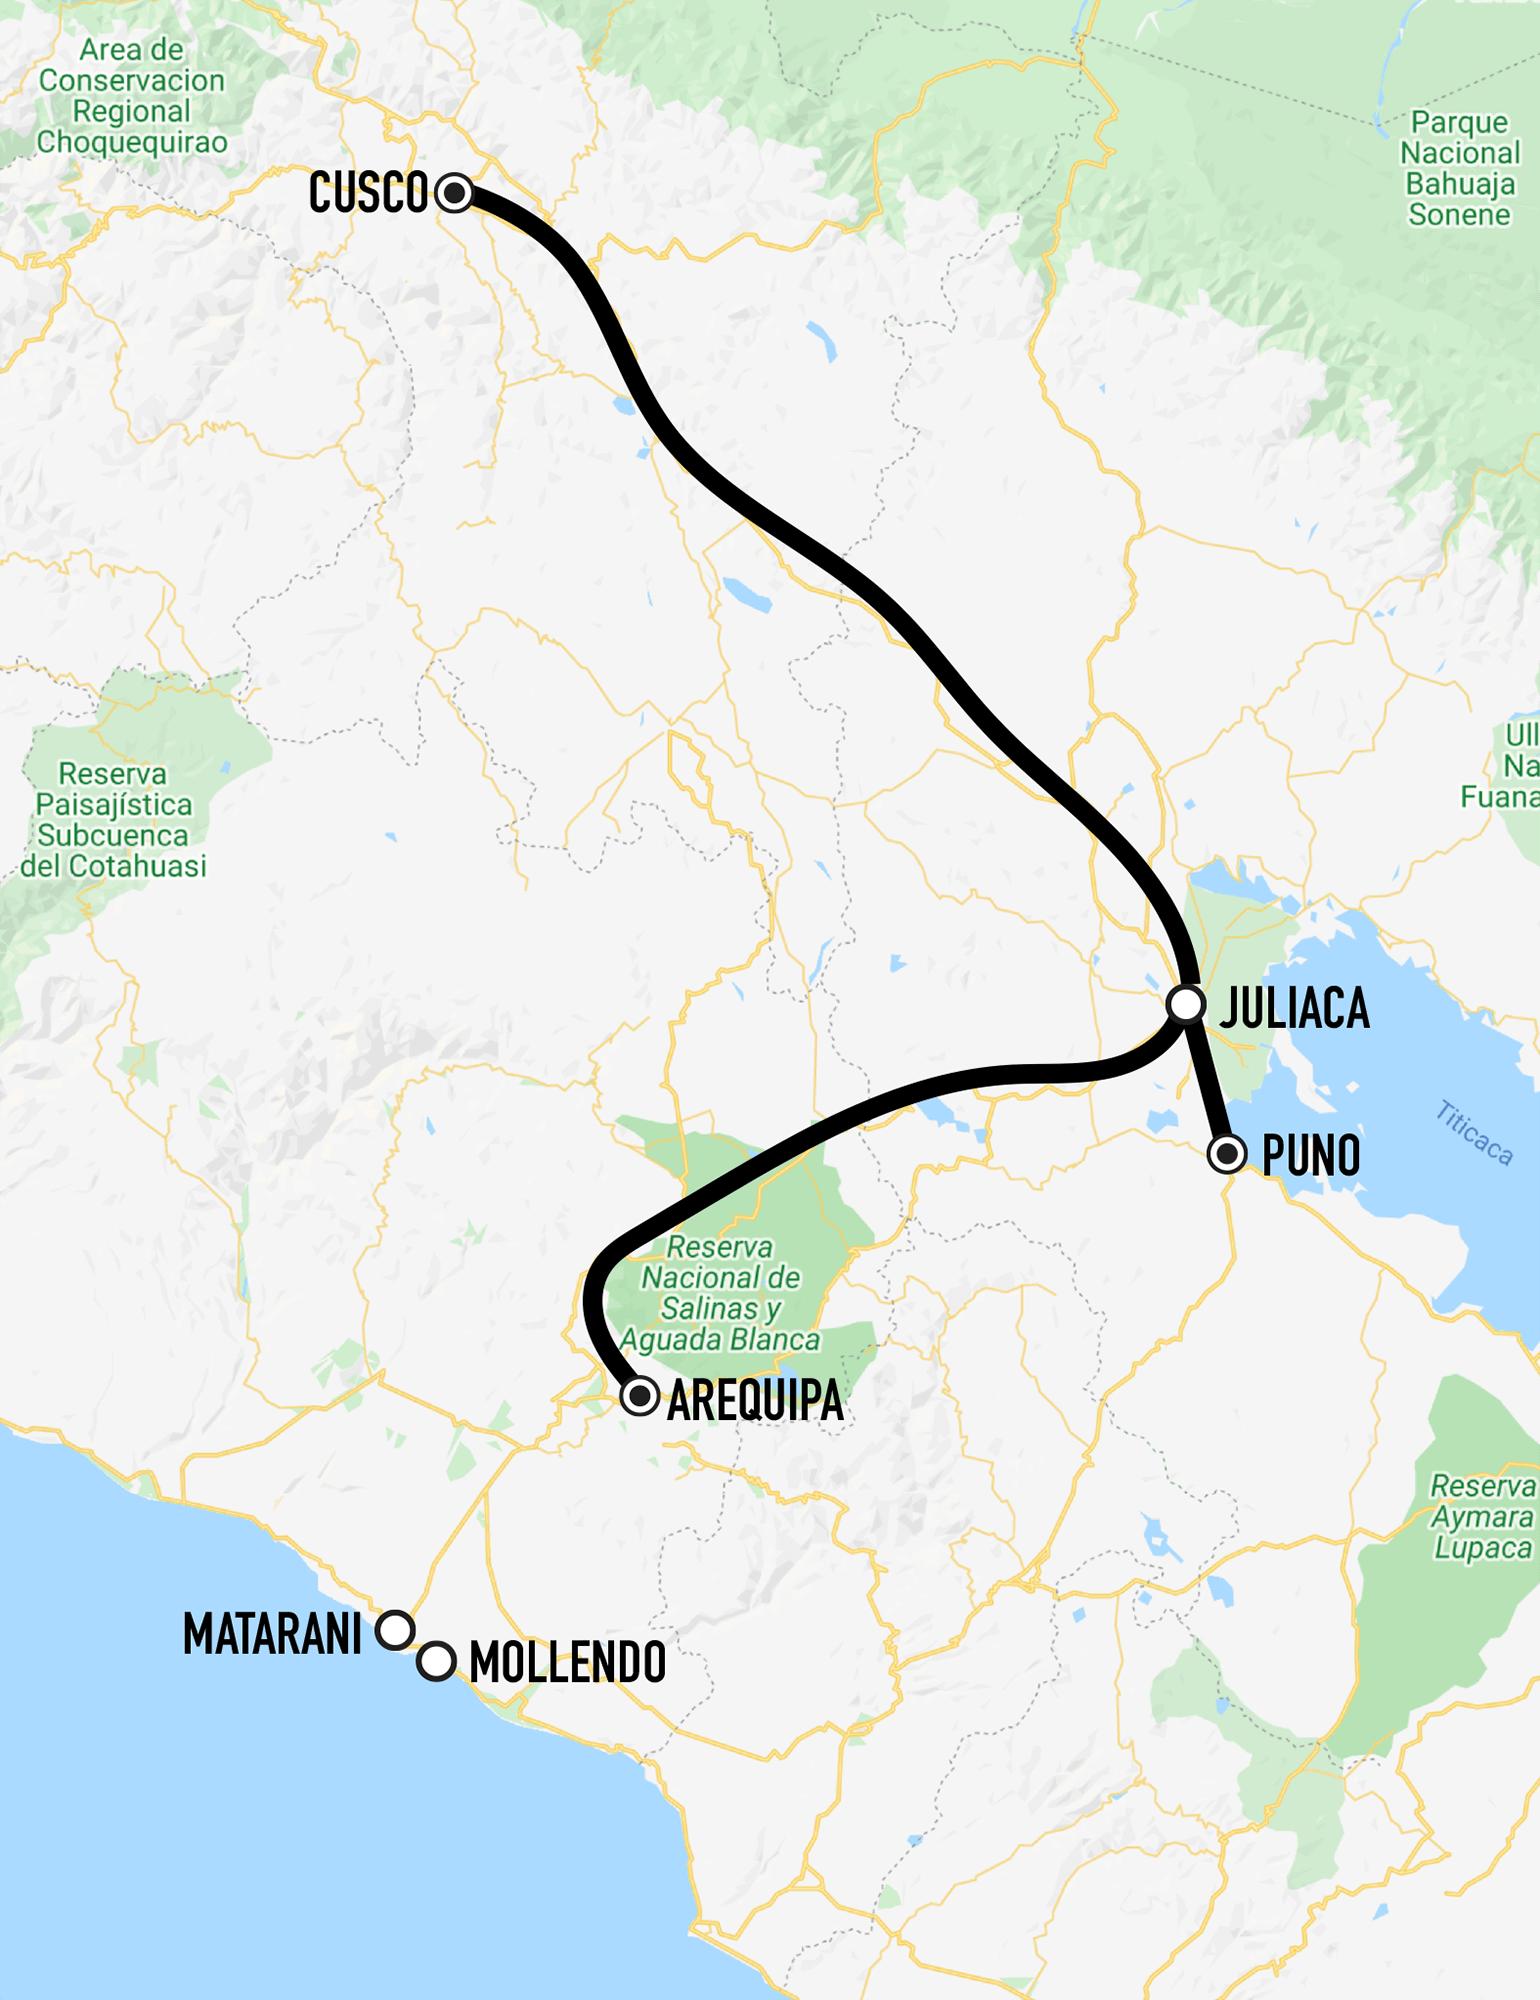 Railway Map Ferrocarril del Sur Cusco - Juliaca - Puno and Juliaca - Arequipa